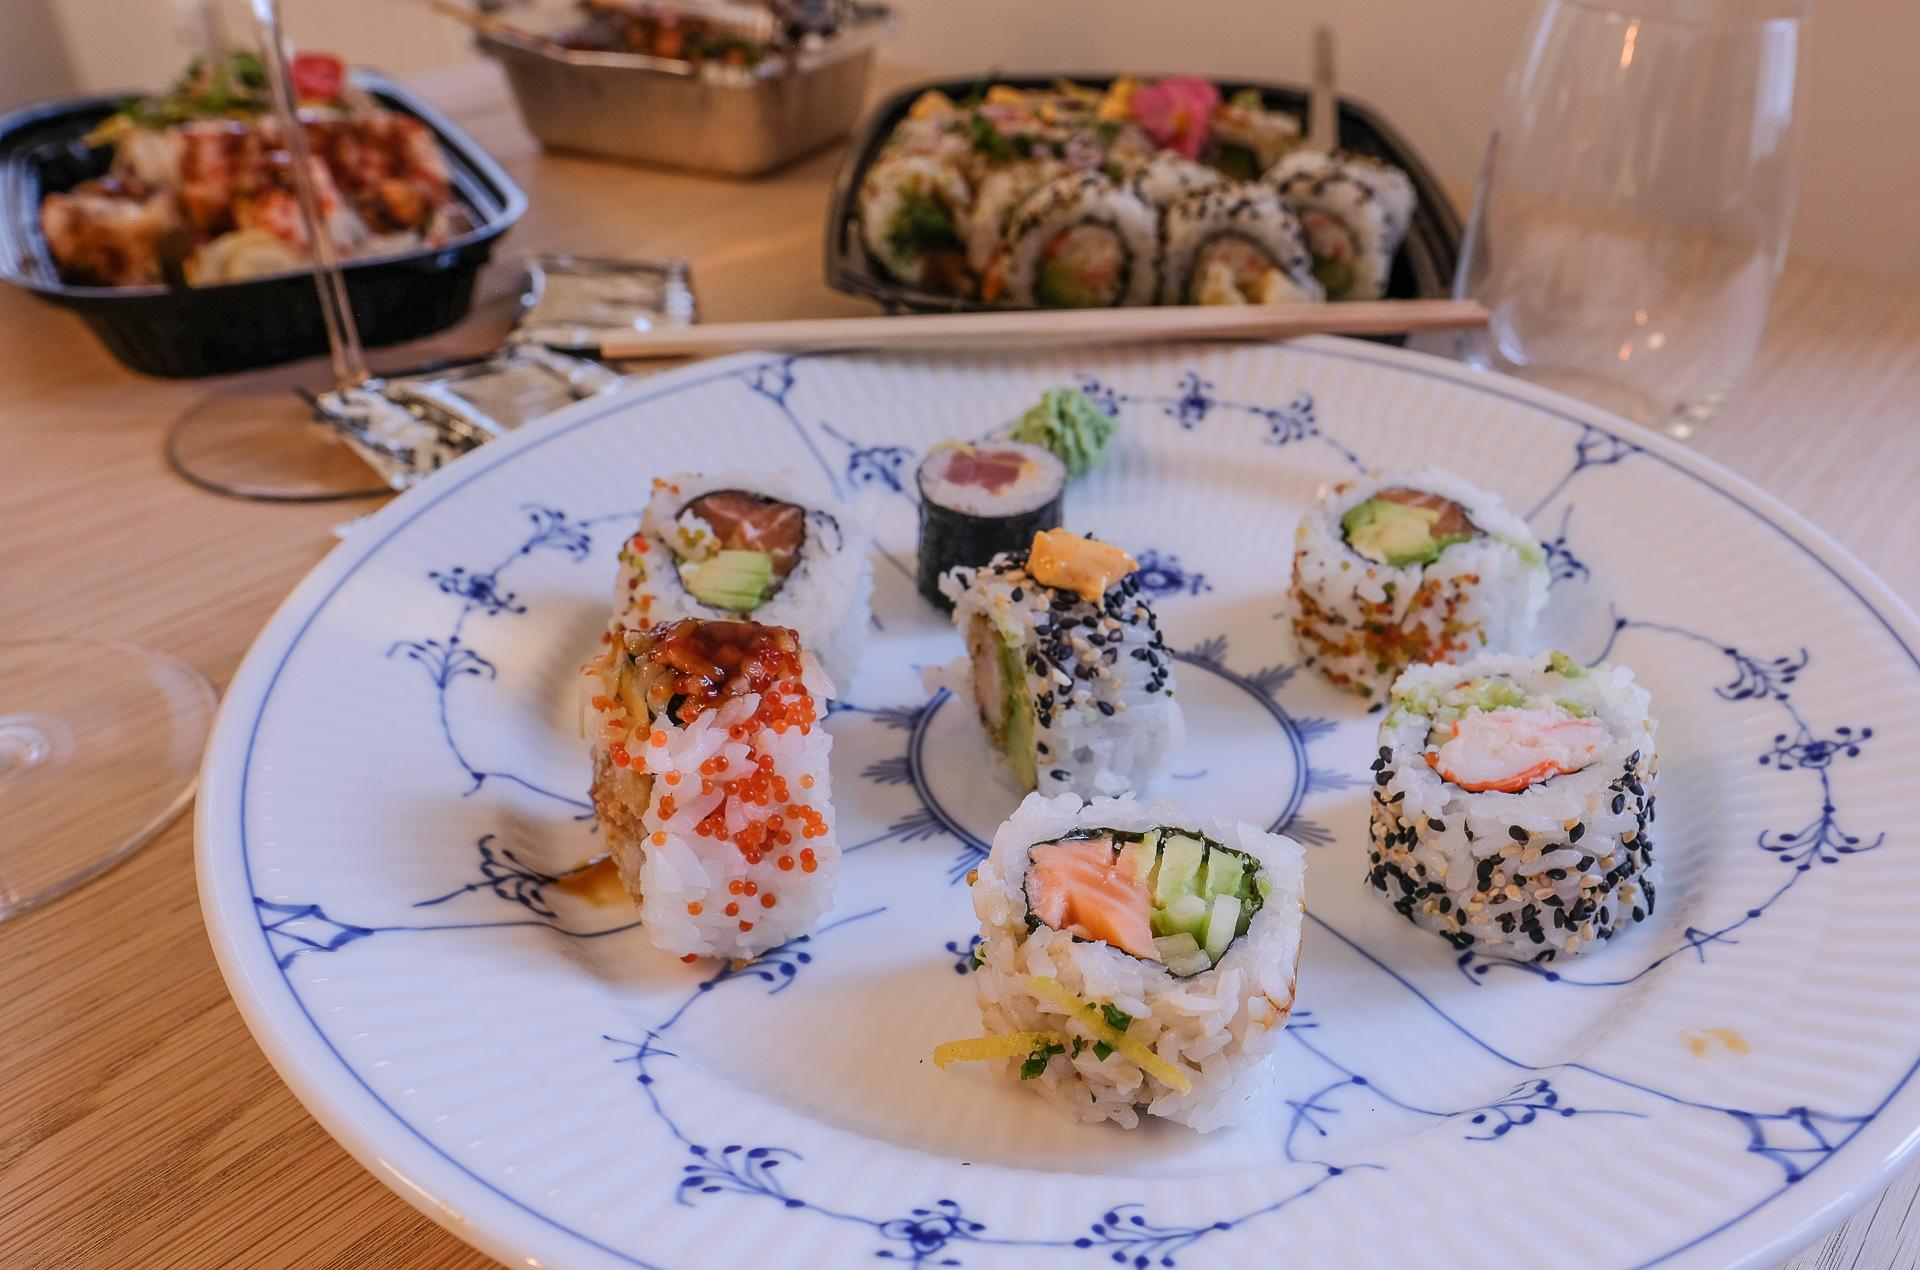 Anmeldelse af Bluefin Sushi: Vi skal jo lige igang, og ja, ting tager tid - sådan er det!